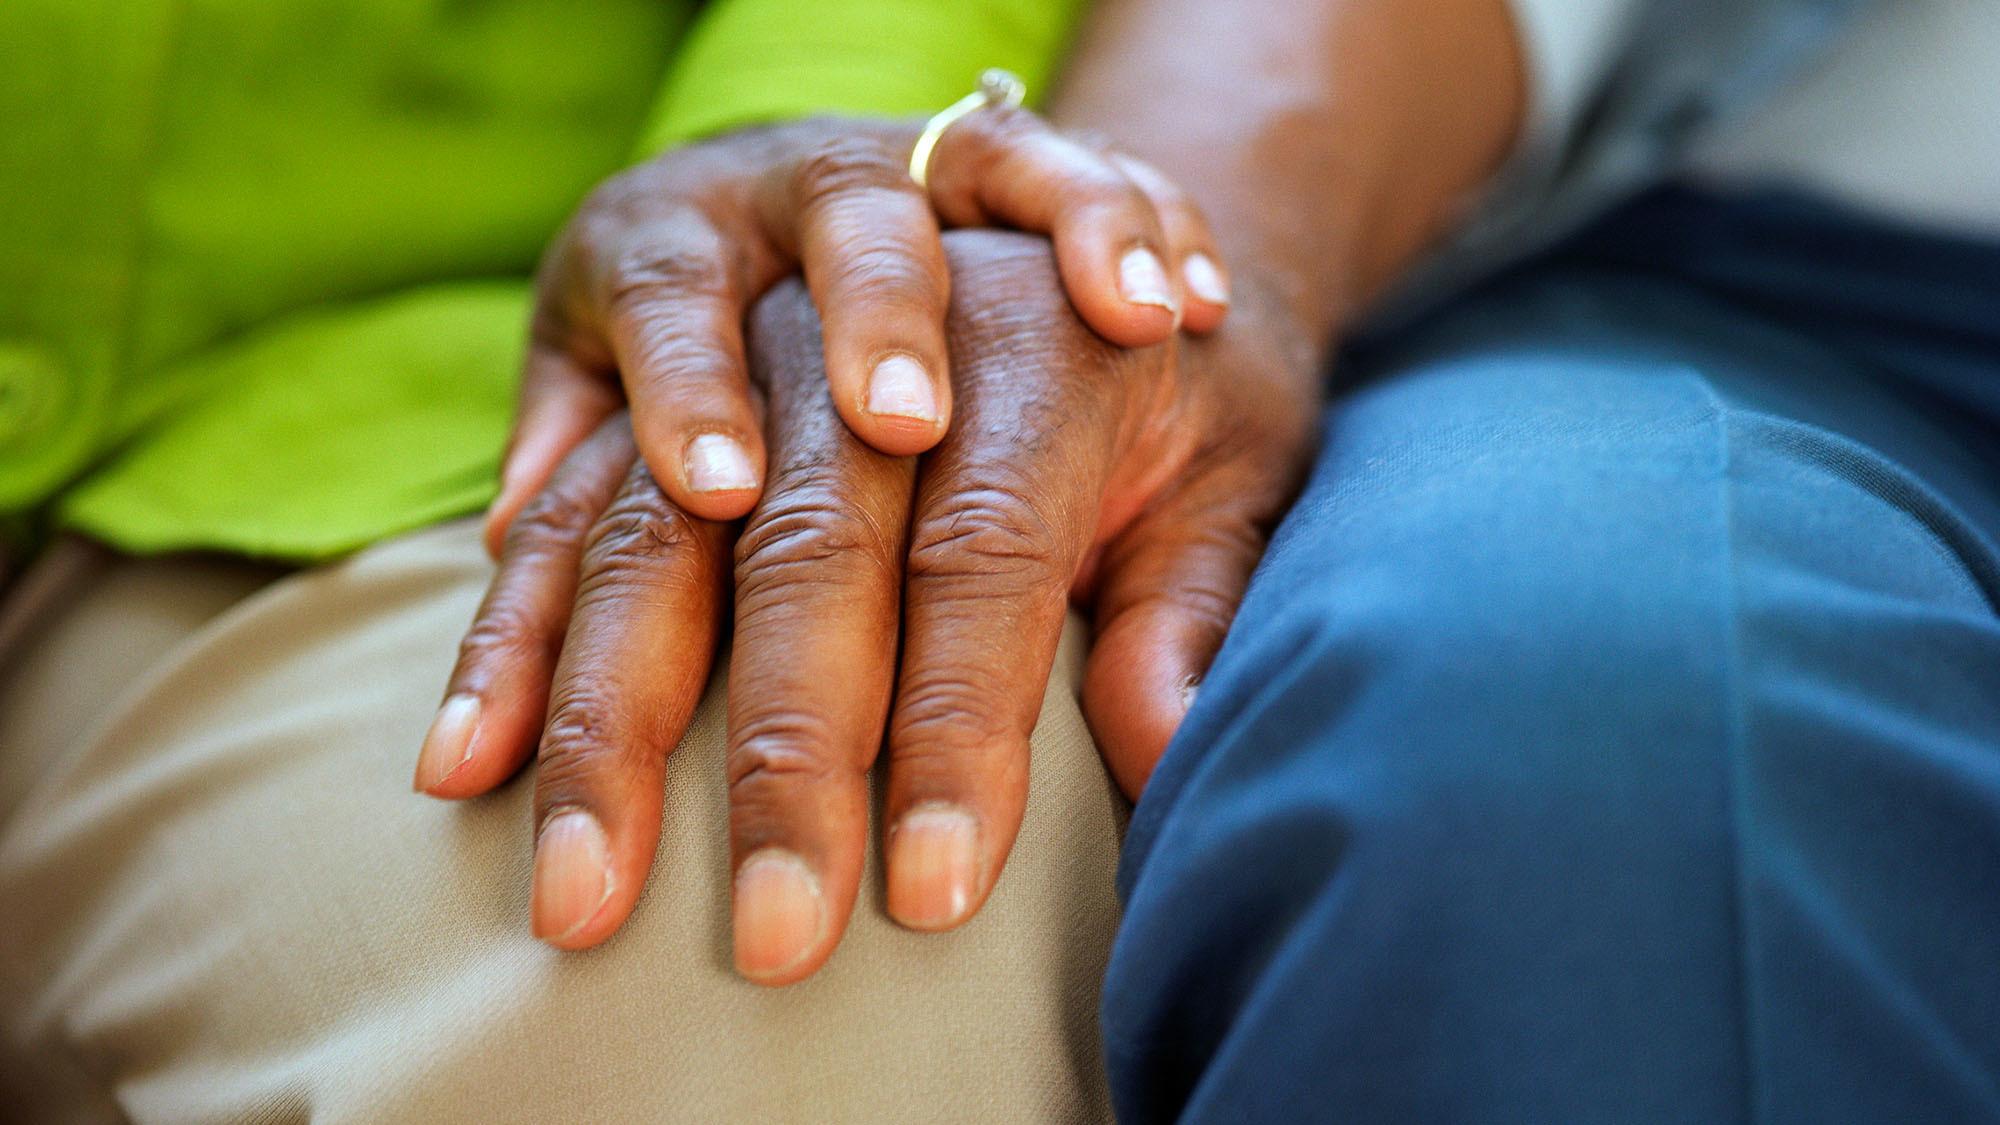 dementia-hands-1